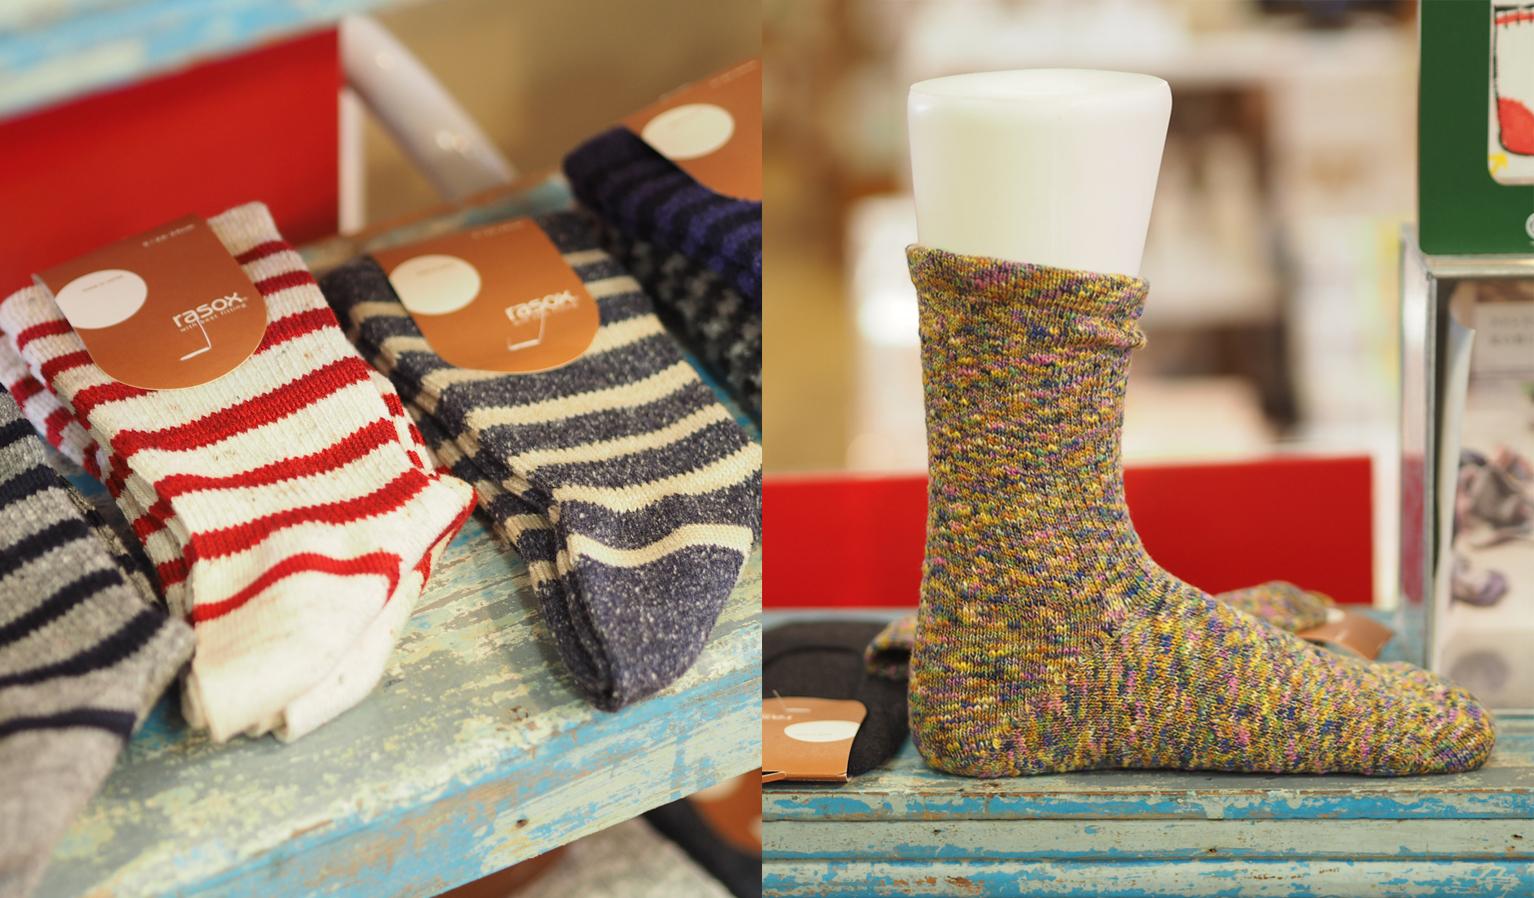 東京かんかん「TANA BANA」L字型靴下「rasox」が入荷しましたオズ新下関店 イメージ